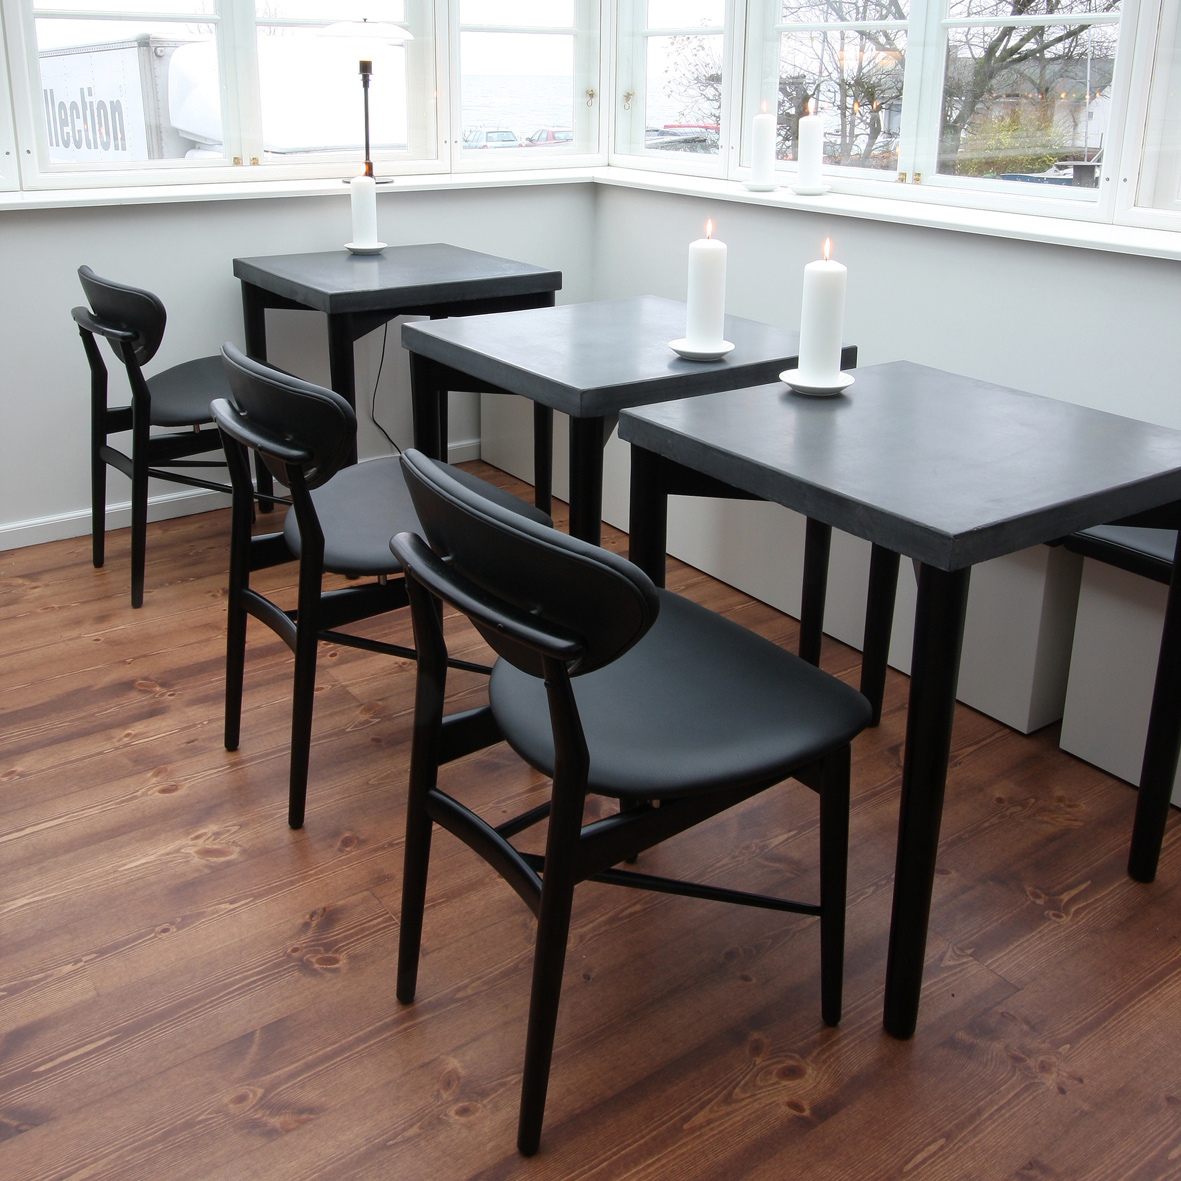 Finn Juhl model 108 ChairFinn Juhl model 108 Chair   Dining Chair   Modern Classic  . Finn Juhl Chair 108. Home Design Ideas